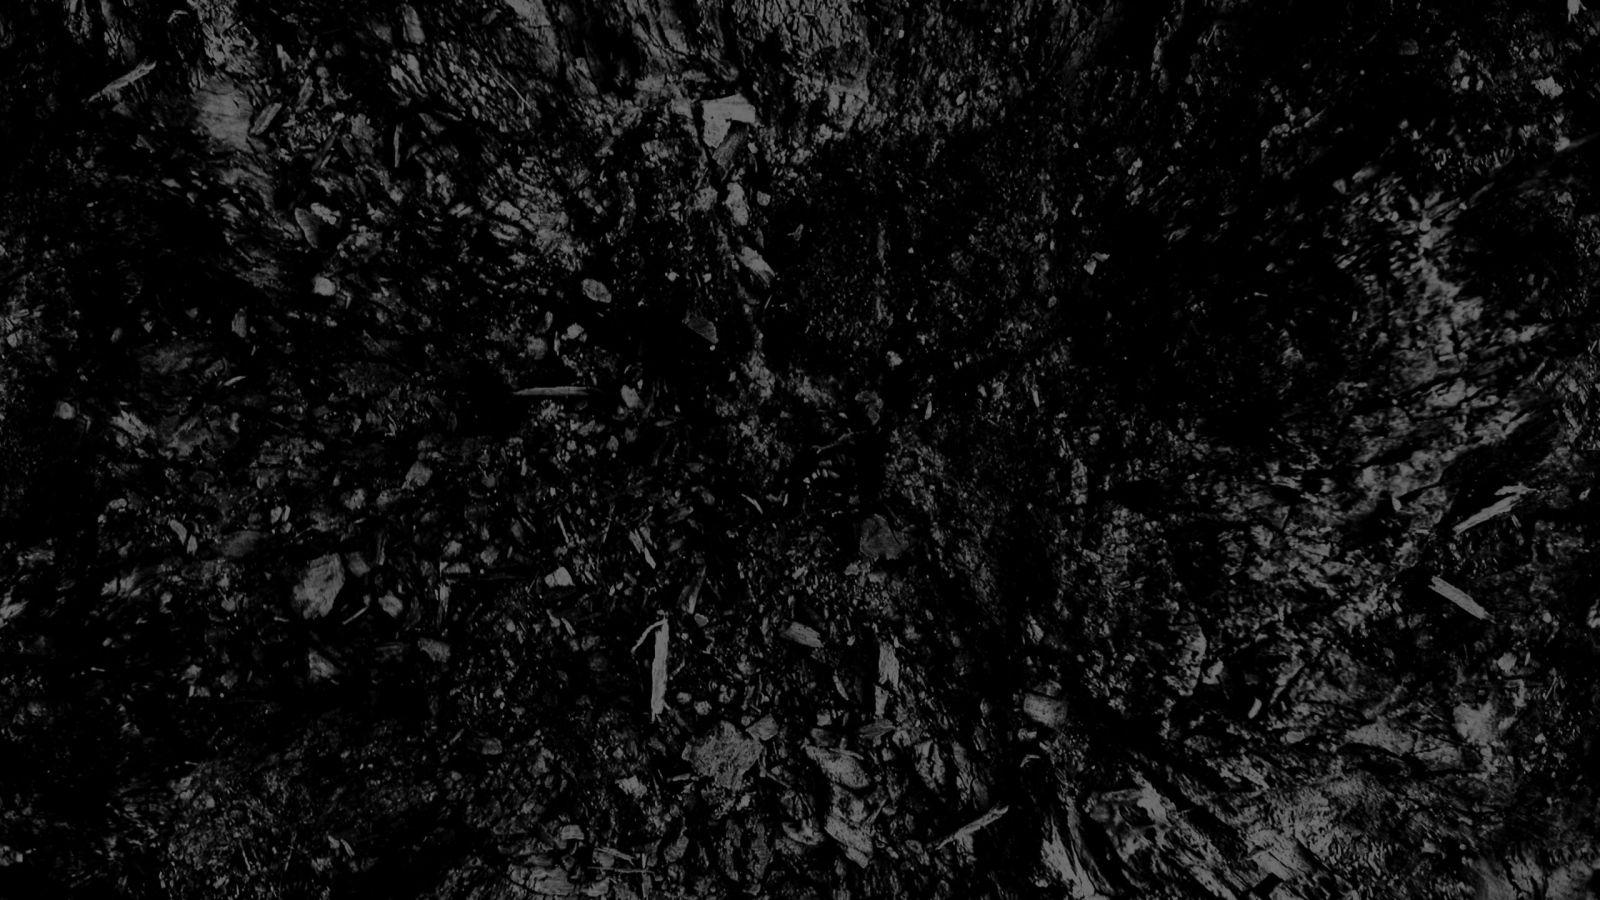 1600x900 dark wallpapers hd desktop backgrounds 1600x900 epic 1600x900 dark wallpapers hd desktop backgrounds 1600x900 voltagebd Gallery